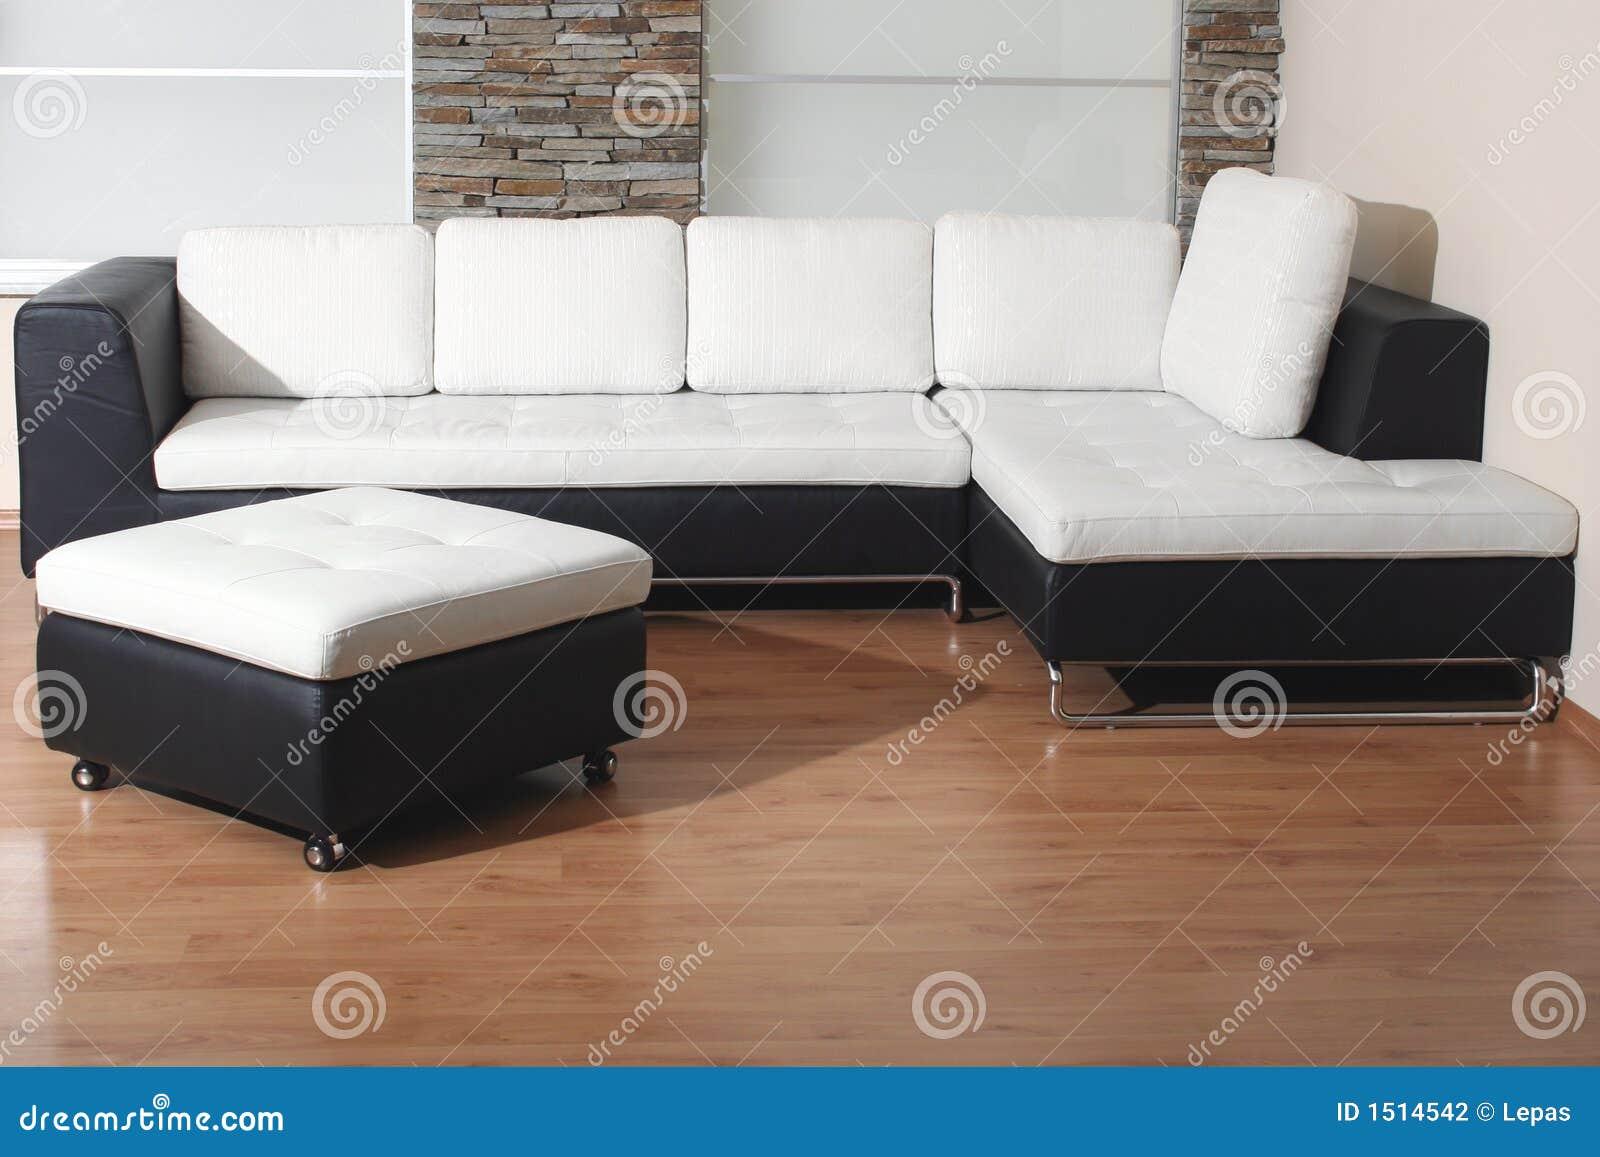 Muebles Blancos Y Negros Foto De Archivo Imagen De Muebles 1514542 # Muebles Blancos